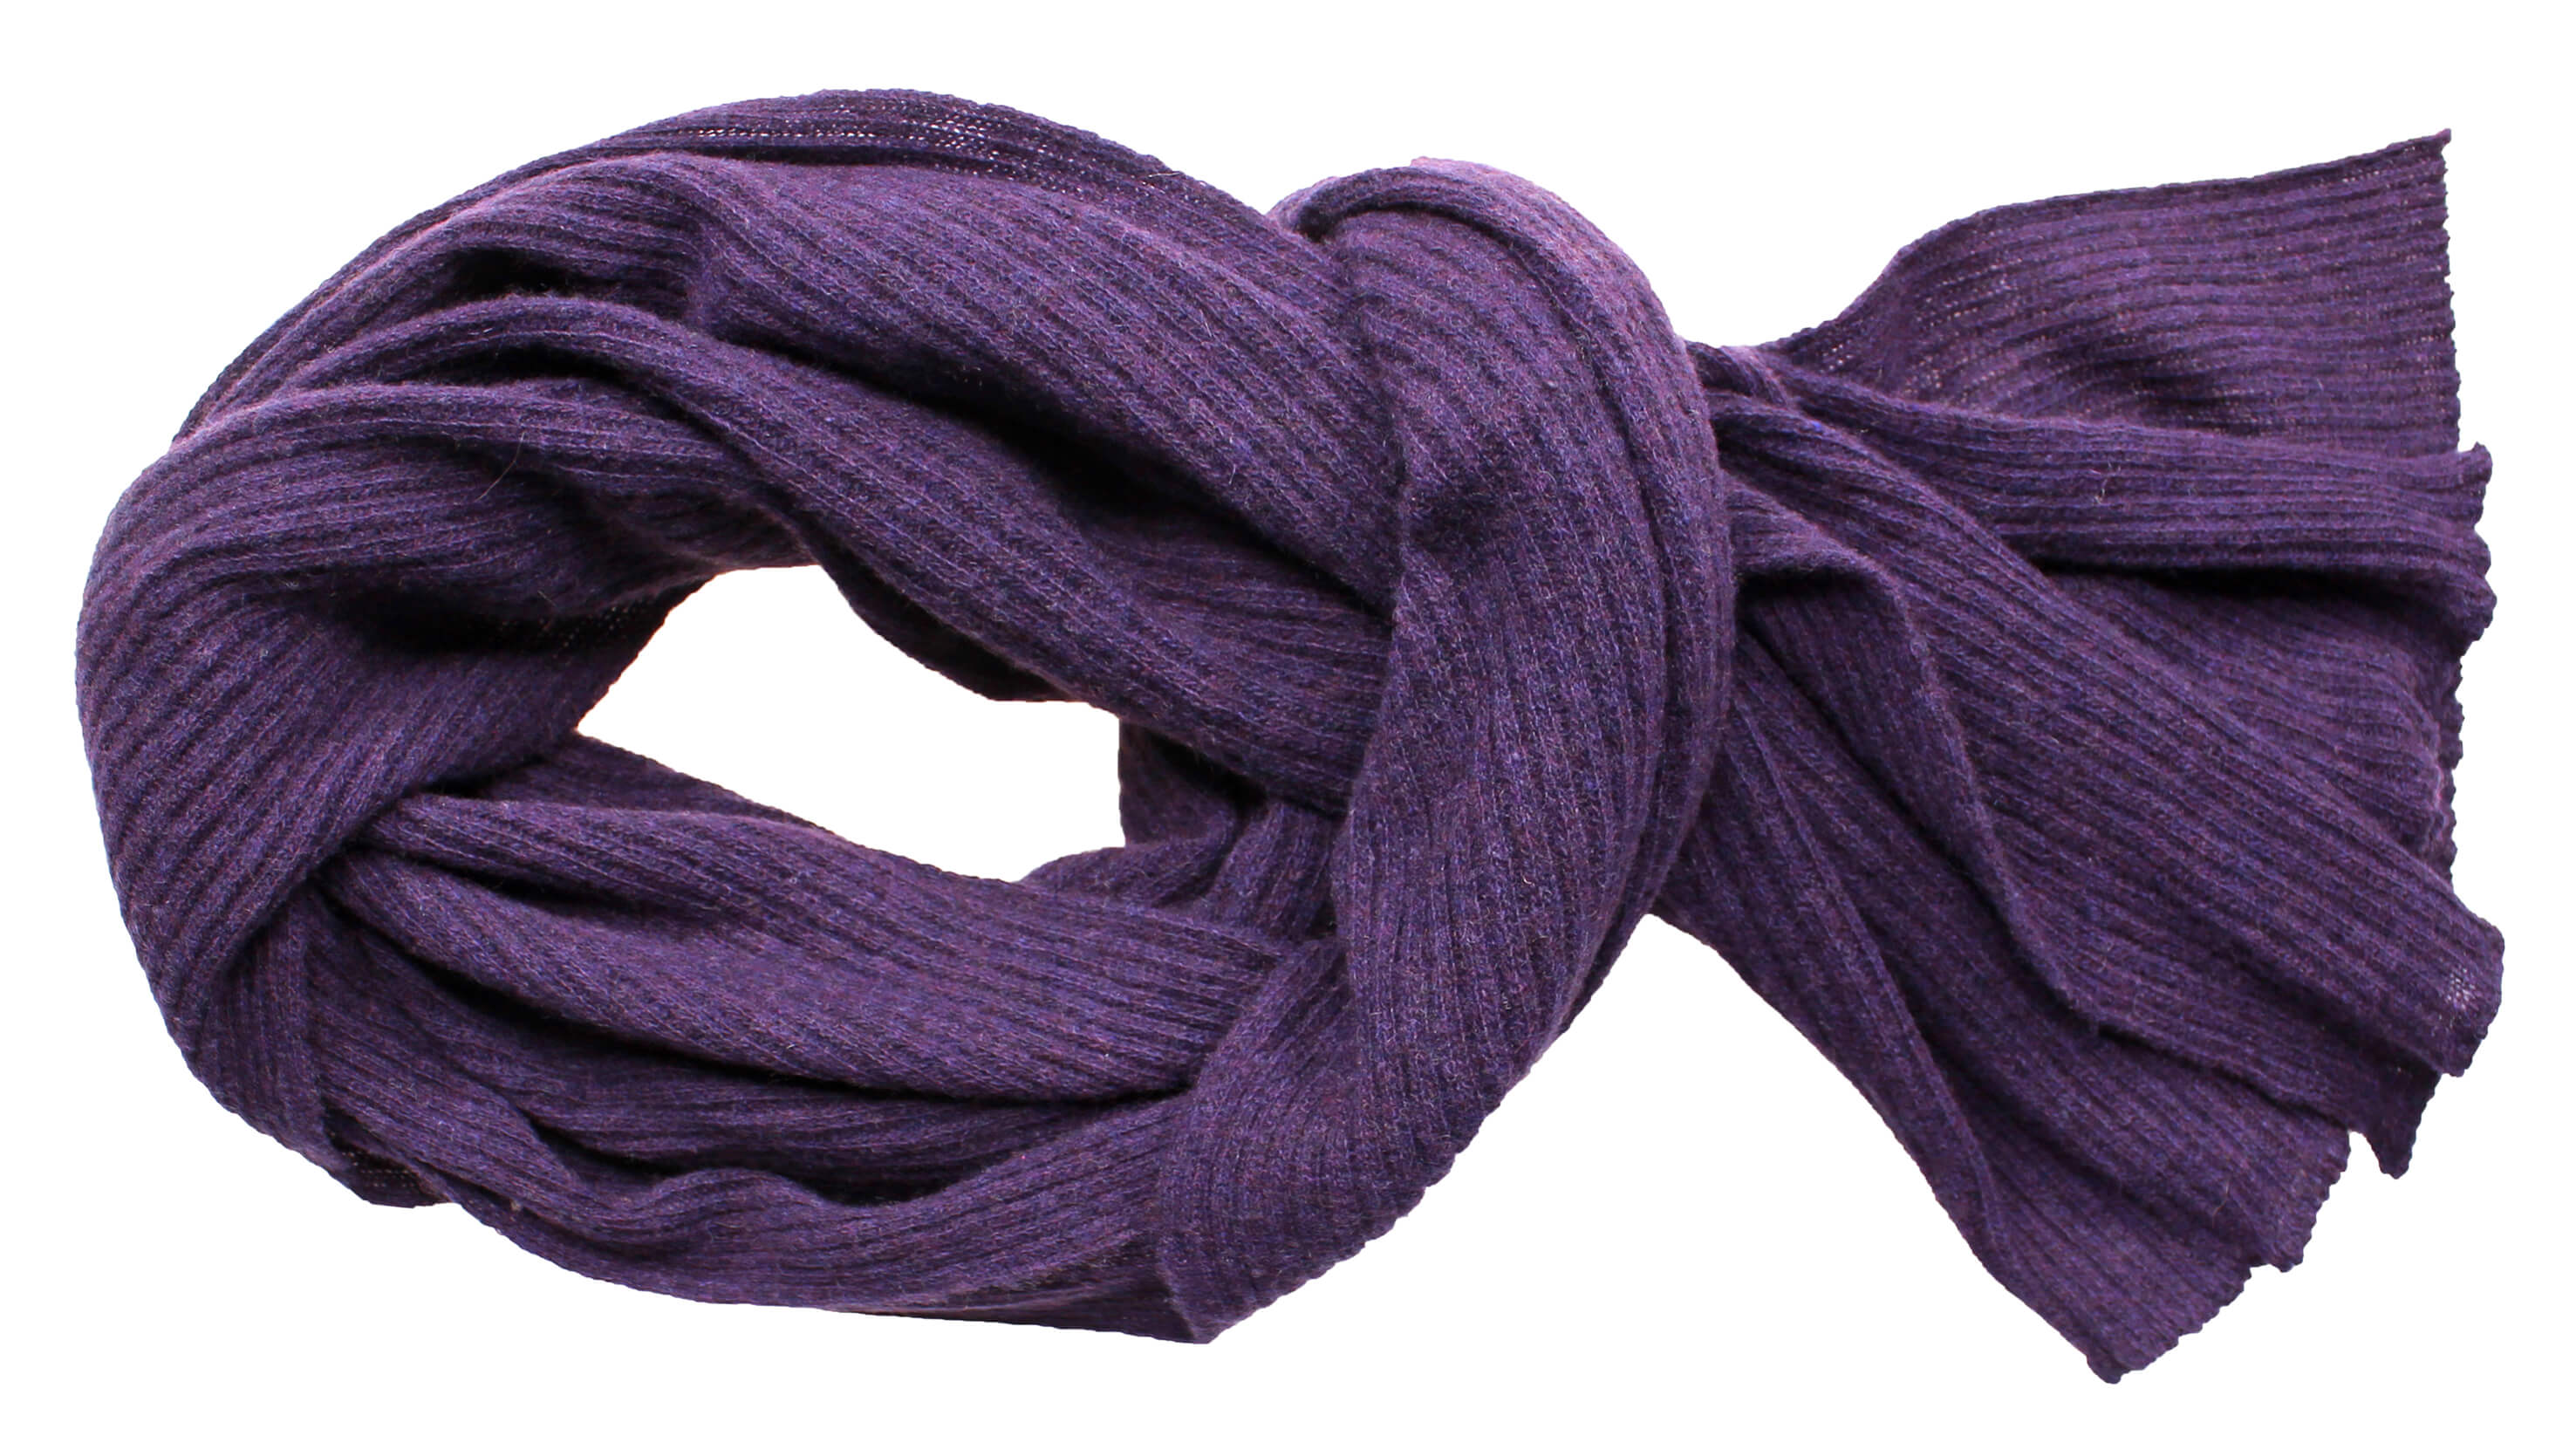 Bild von 041-0092col8, Variante lila